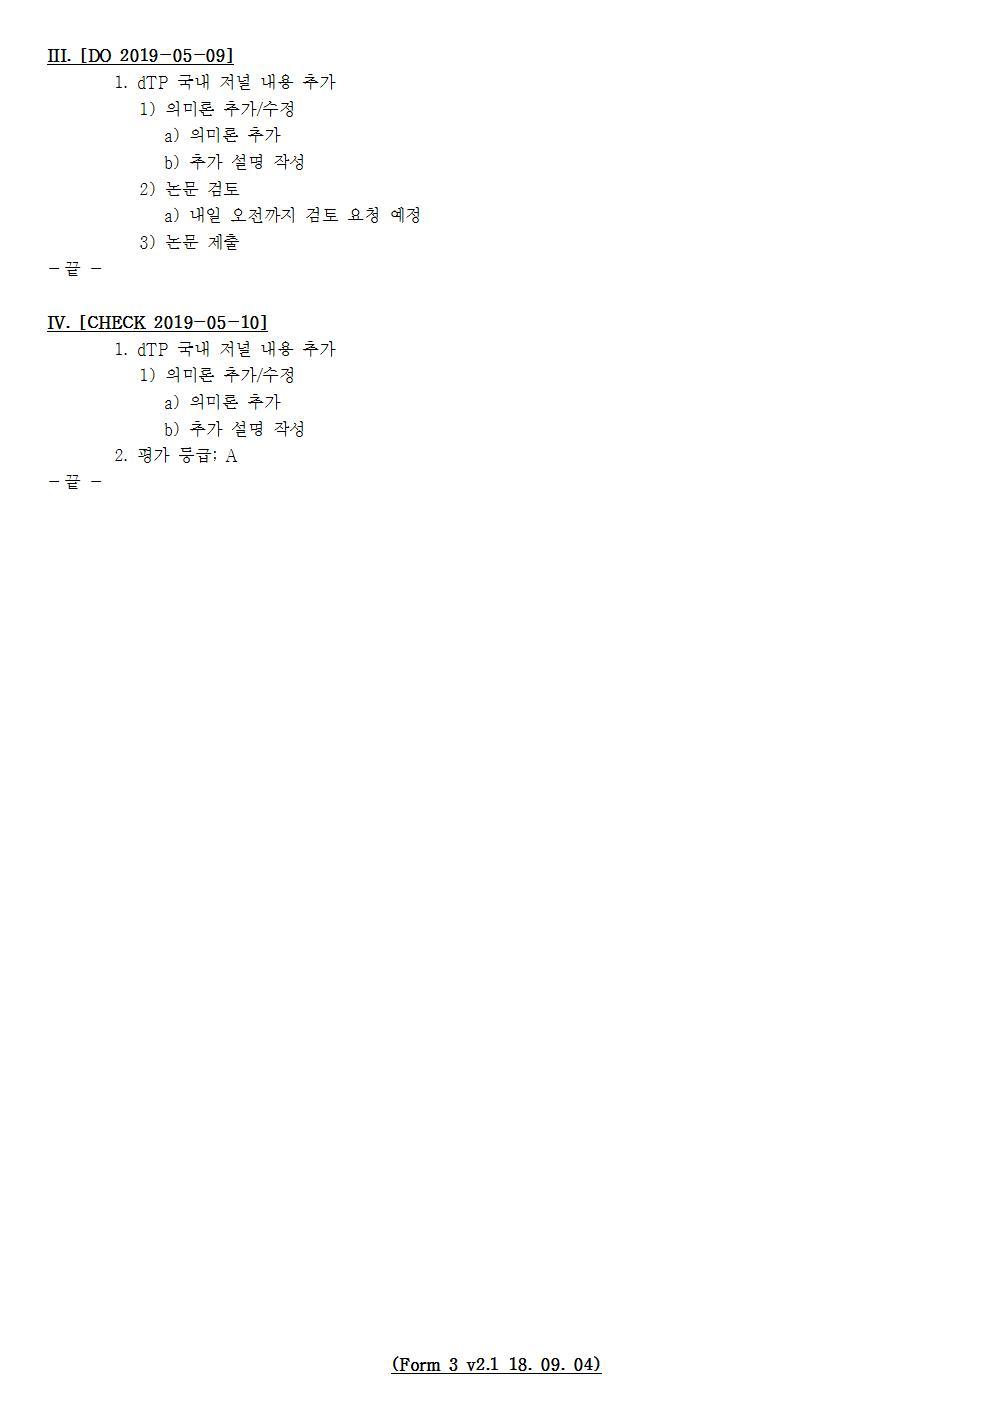 D-[19-012-PP-04]-[dTP-국내]-[2019-05-10][JS]002.jpg